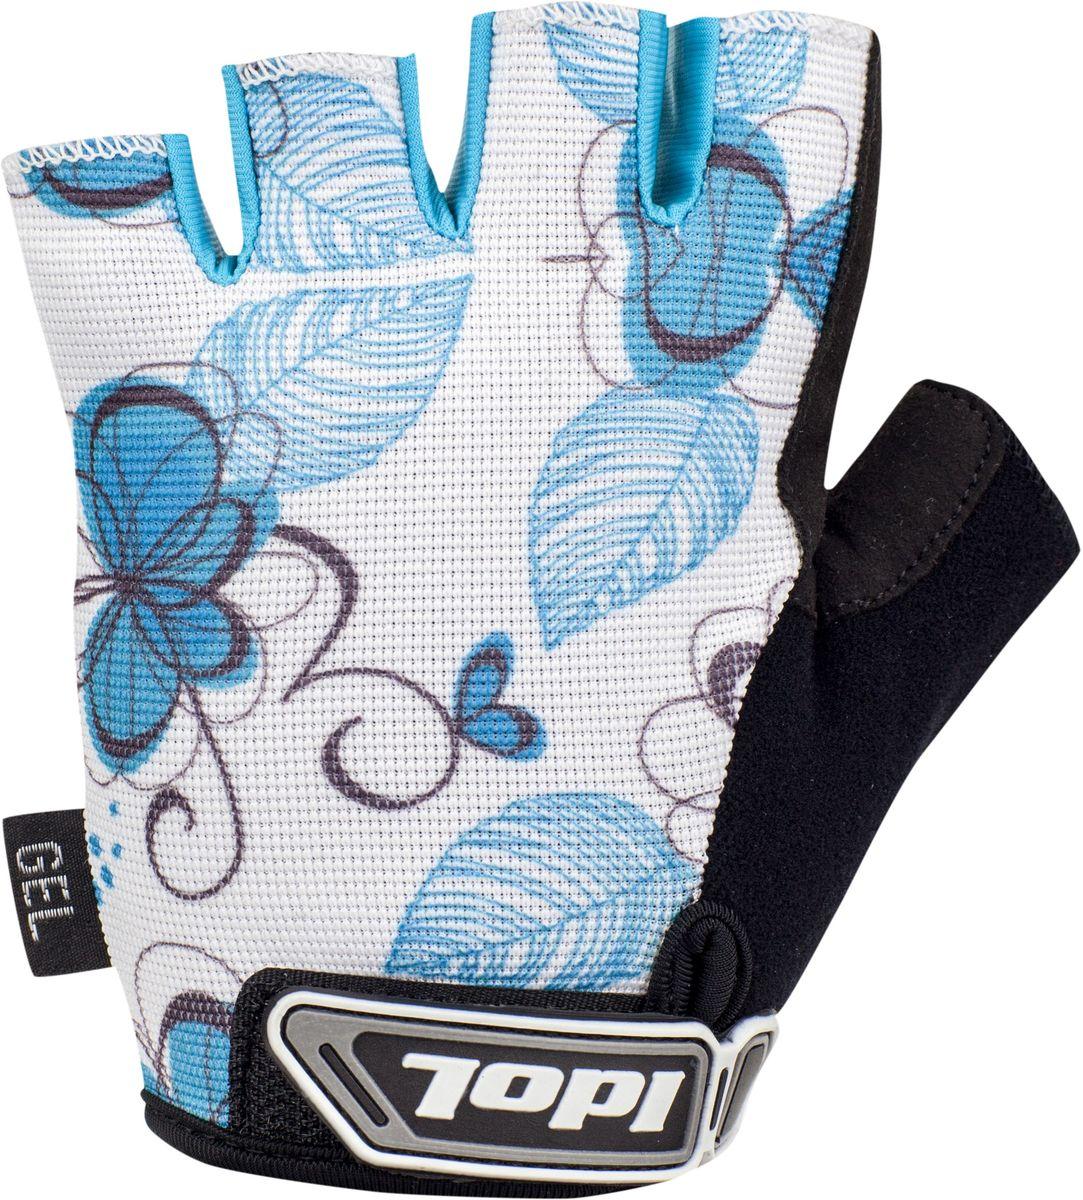 Перчатки велосипедные женские Idol Isel, цвет: белый, голубой. Размер M2716Велосипедные перчатки с открытыми пальцами Idol ISEL предназначены для велоспорта, велотуризма, велосипедных прогулок. Верх выполнен из высококачественного эластичного материала 4-way stretch, который отличается повышенной воздухопроницаемостью. Ладонь изготовлена из синтетической кожи Amara и дополнена гелевой вставкой для большего комфорта. Большой палец перчатки отделан влагоотводящим материалом. На запястьях перчатки фиксируются прочными липучками. Для удобства снятия каждая перчатка оснащена двумя небольшими петельками.Высокое качество, технически совершенные материалы, оригинальный стильный дизайн, функциональность и долговечность выделяют велоперчатки Idol среди прочих.